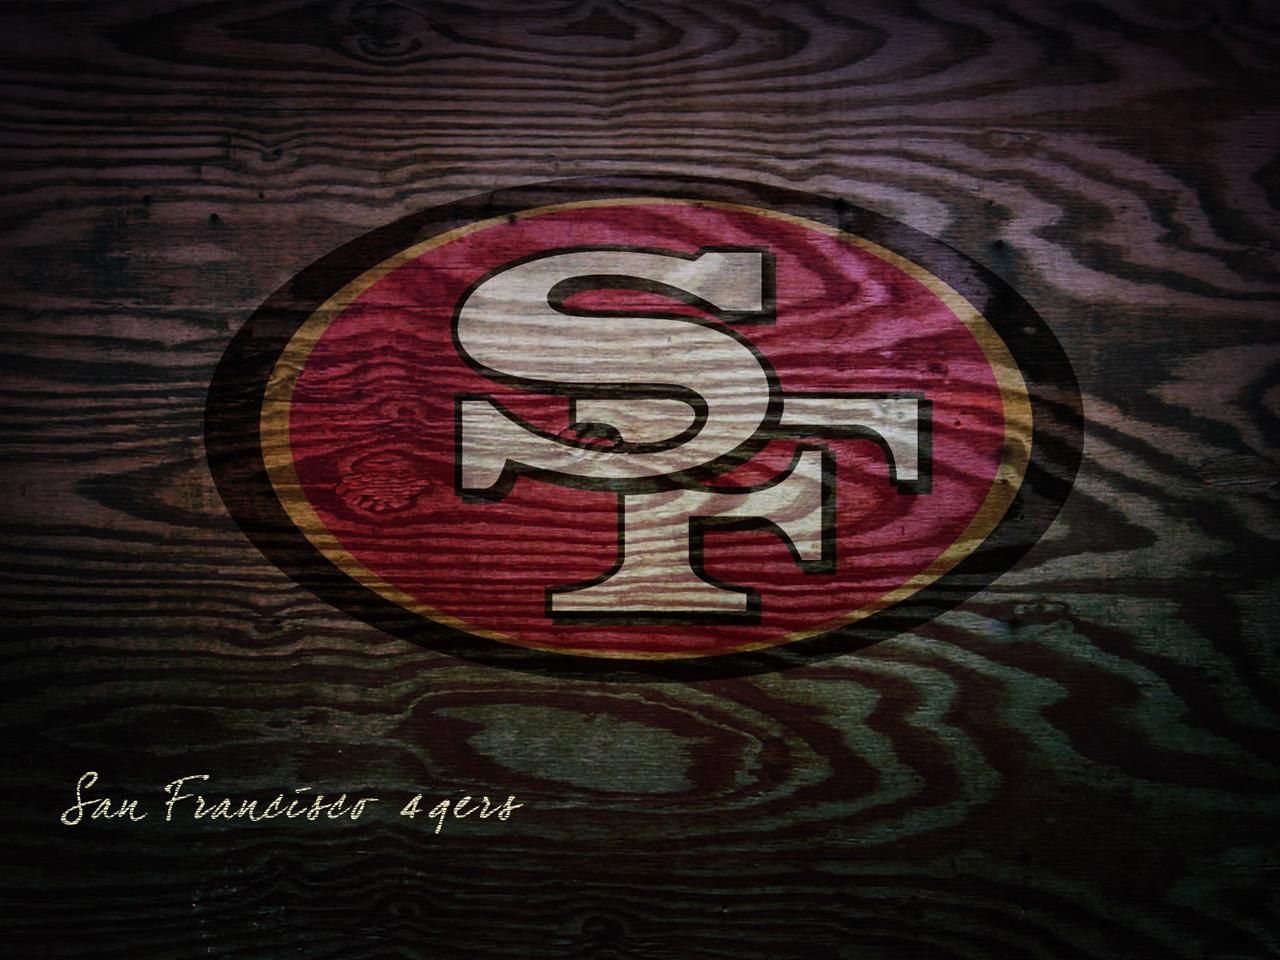 Sf 49ers wallpaper screensavers wallpapersafari - 49ers wallpaper hd ...